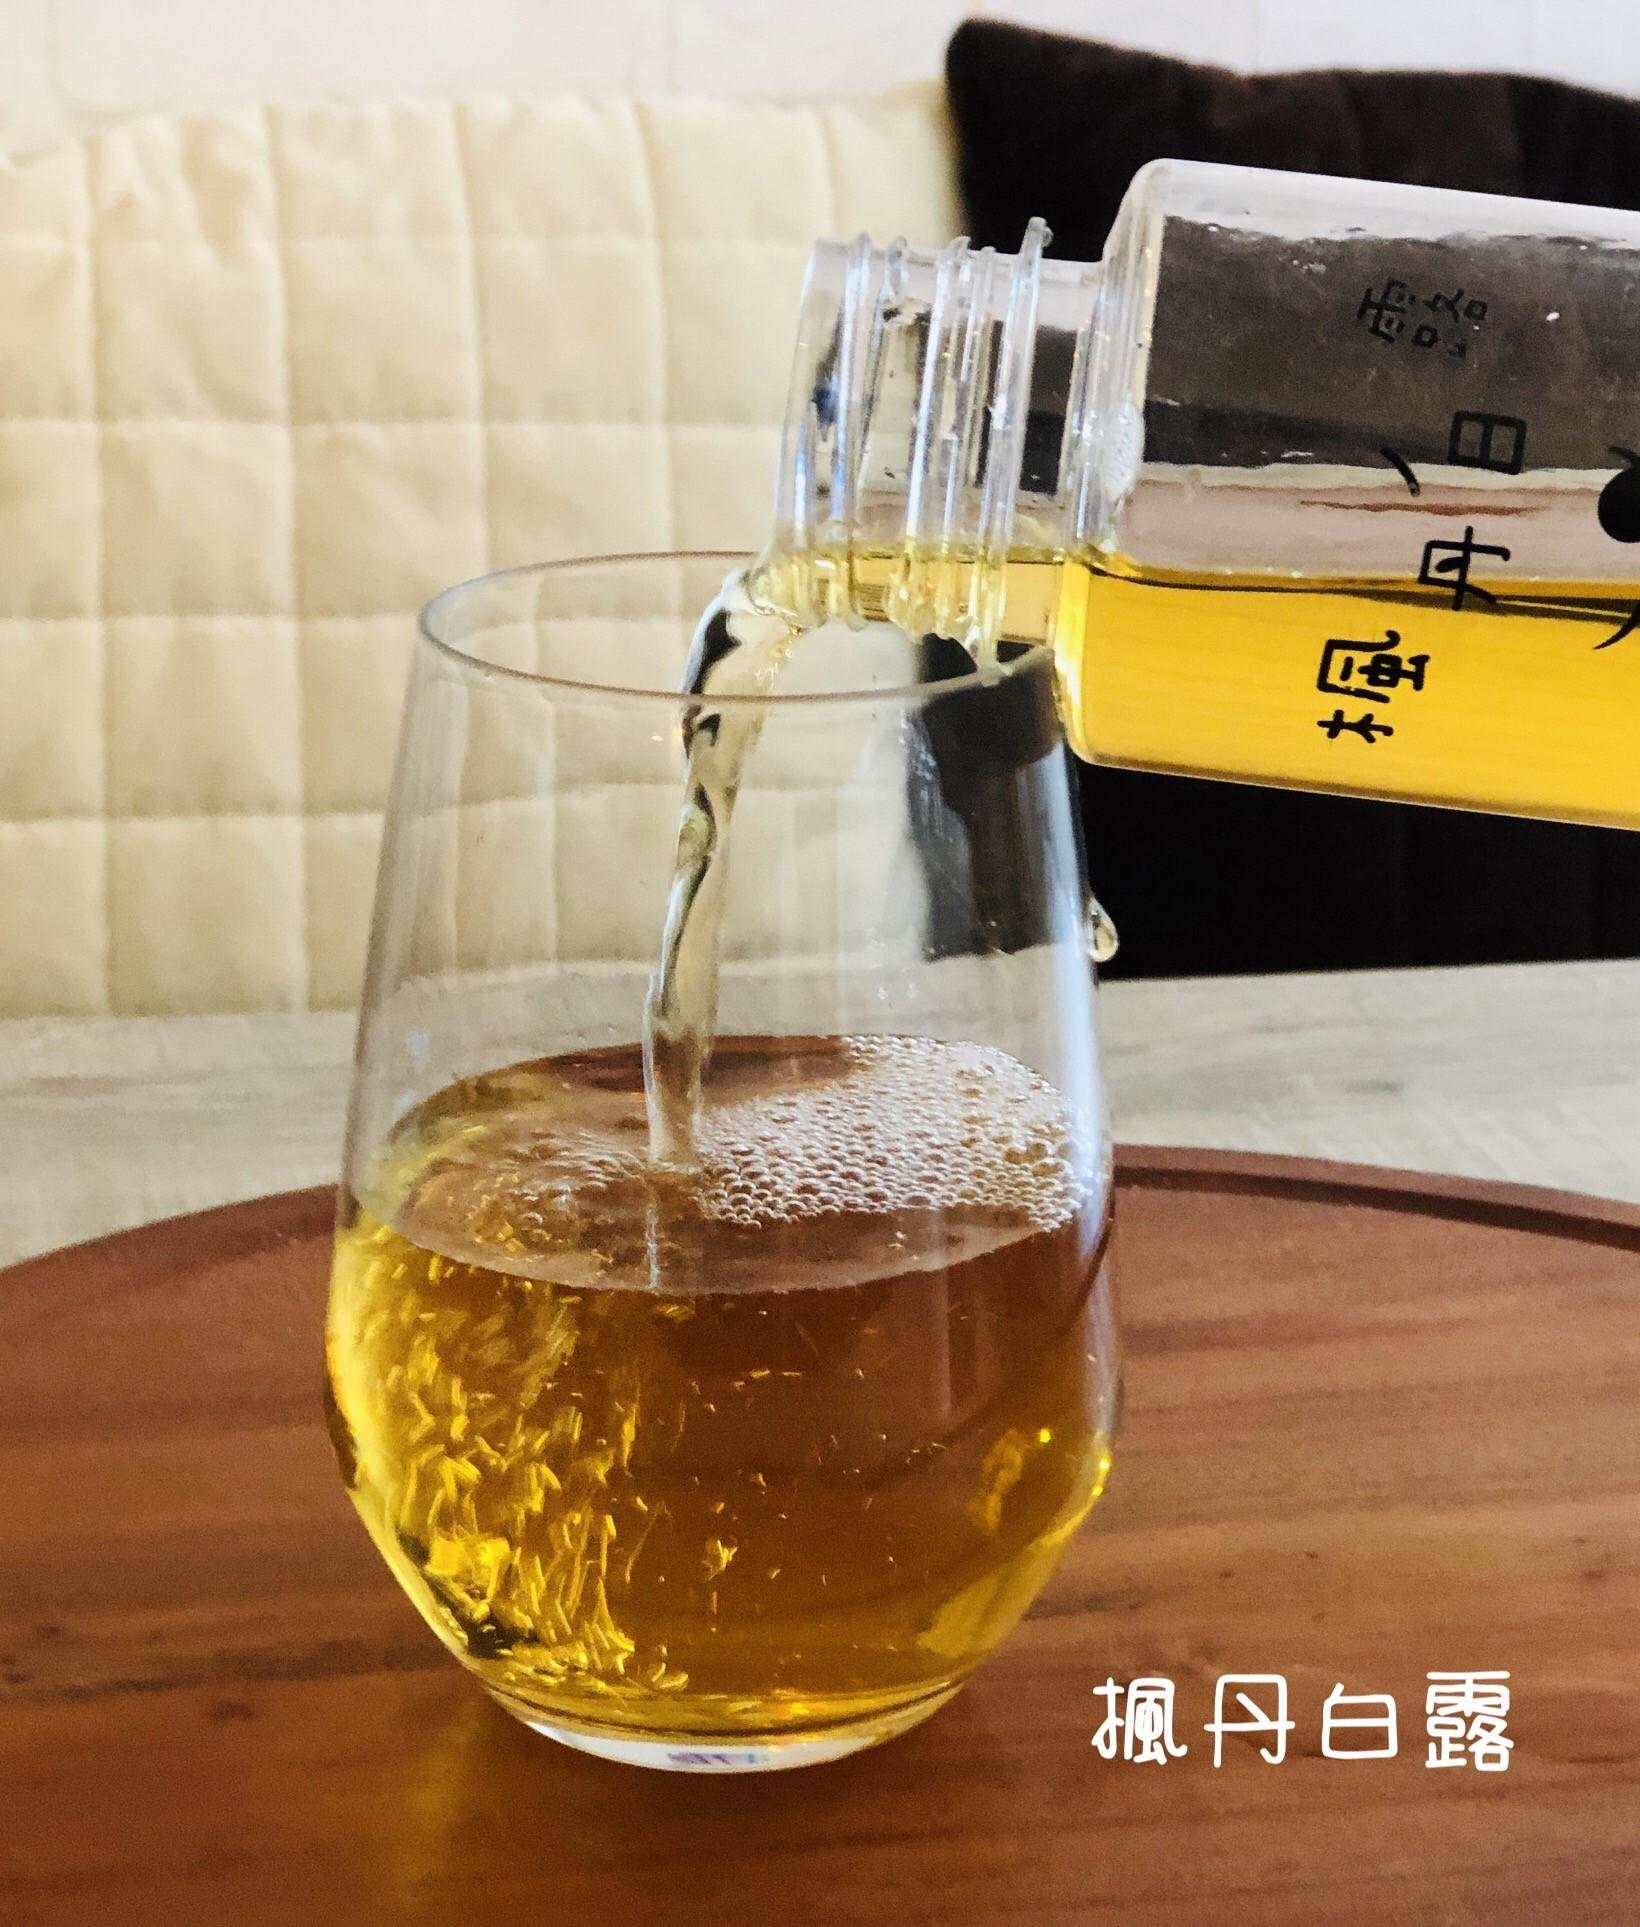 台灣好農精選組買三送一$660